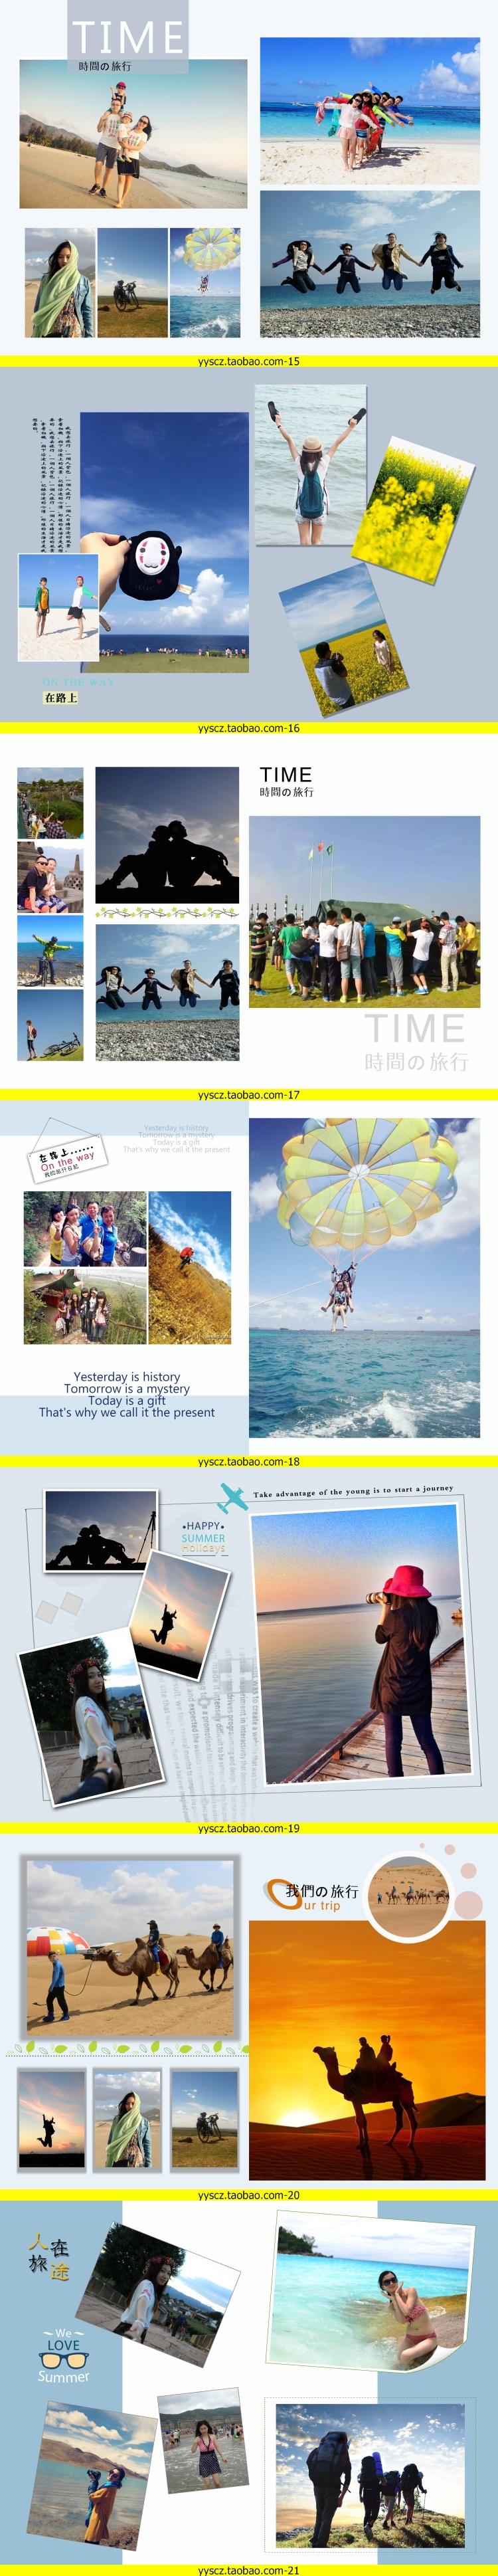 旅行旅游纪念册写真相册模版PSD分层照片书外景影集相片合照留念